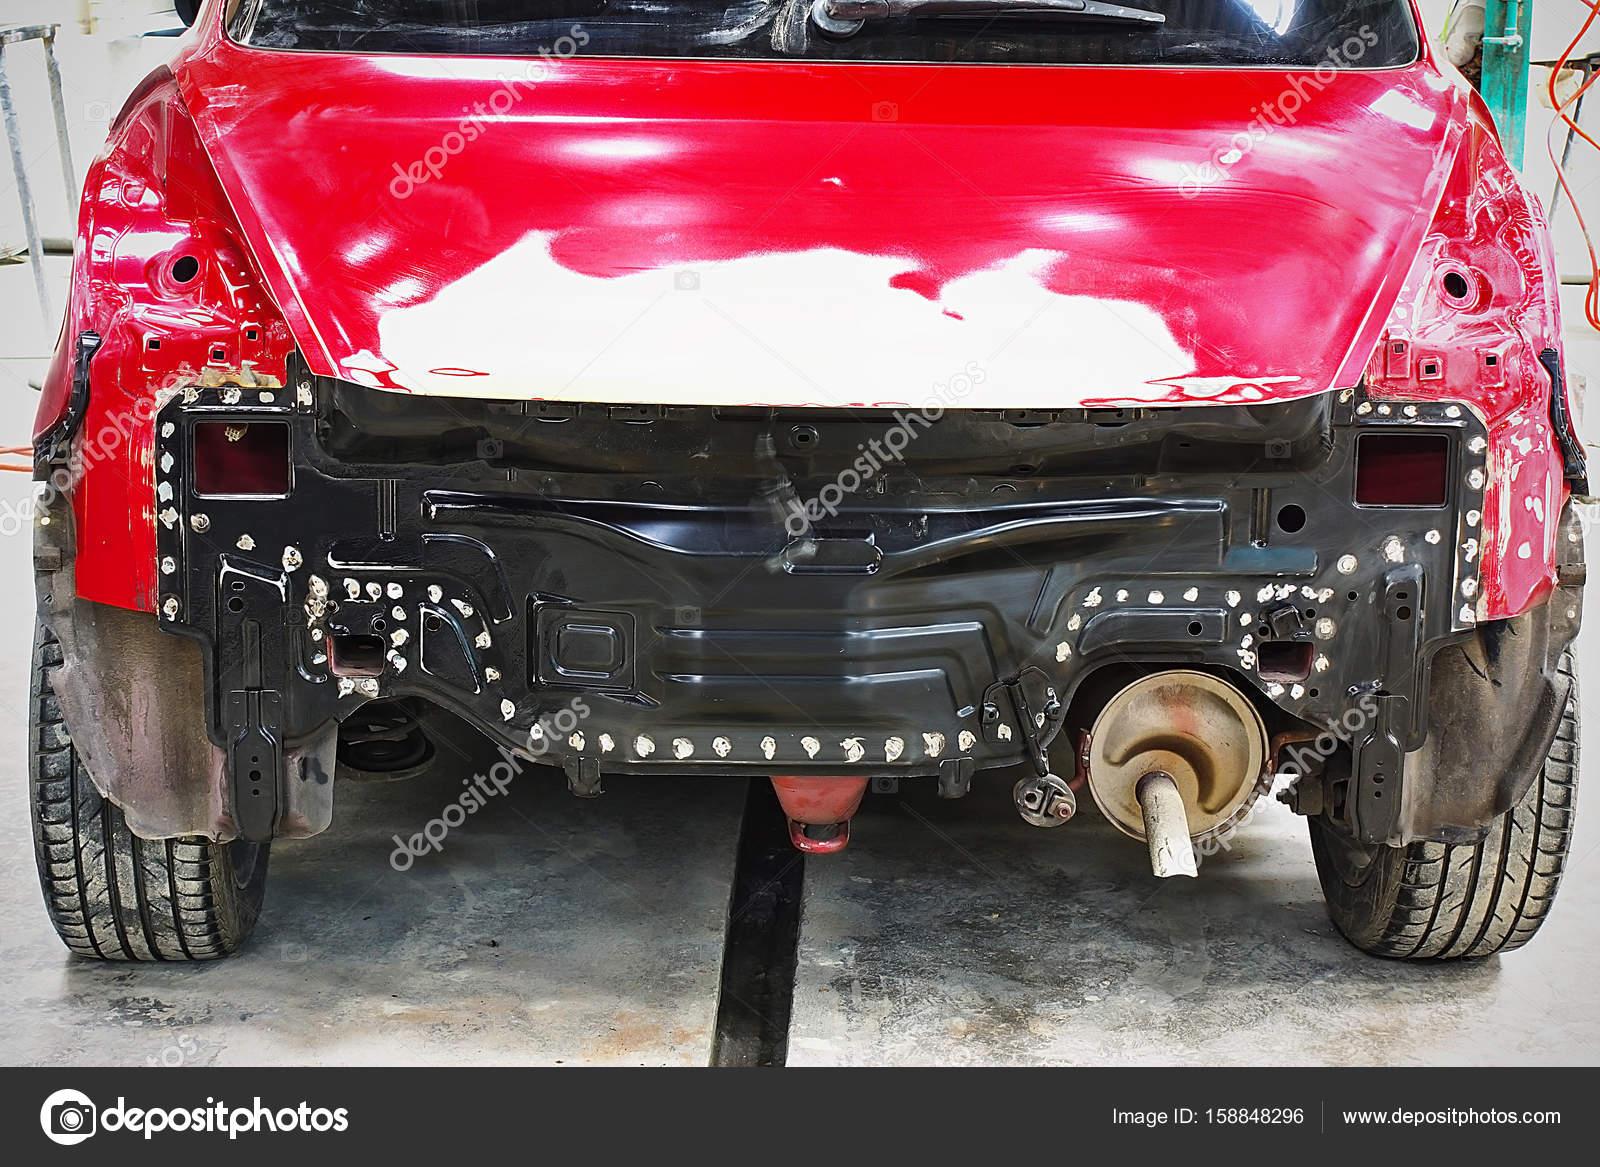 Garage Auto Arbeit Auto Reparatur Körperfarbe nach dem Unfall ...